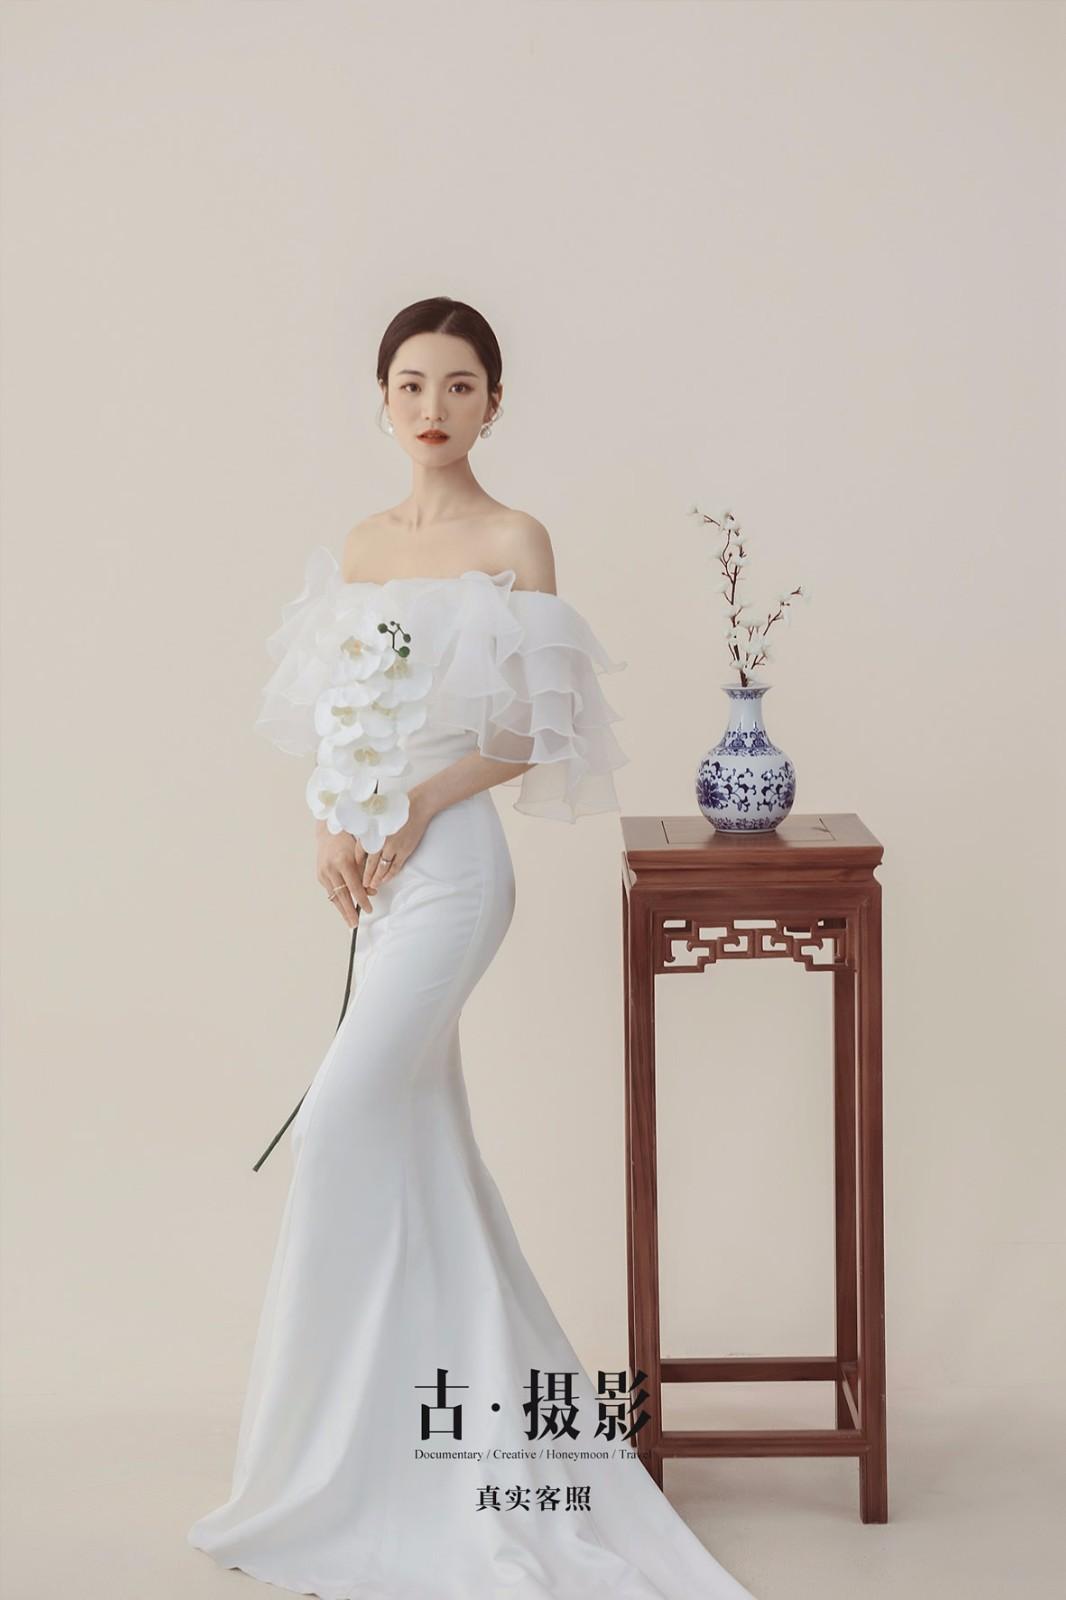 熊先生 张小姐 - 每日客照 - 古摄影婚纱艺术-古摄影成都婚纱摄影艺术摄影网